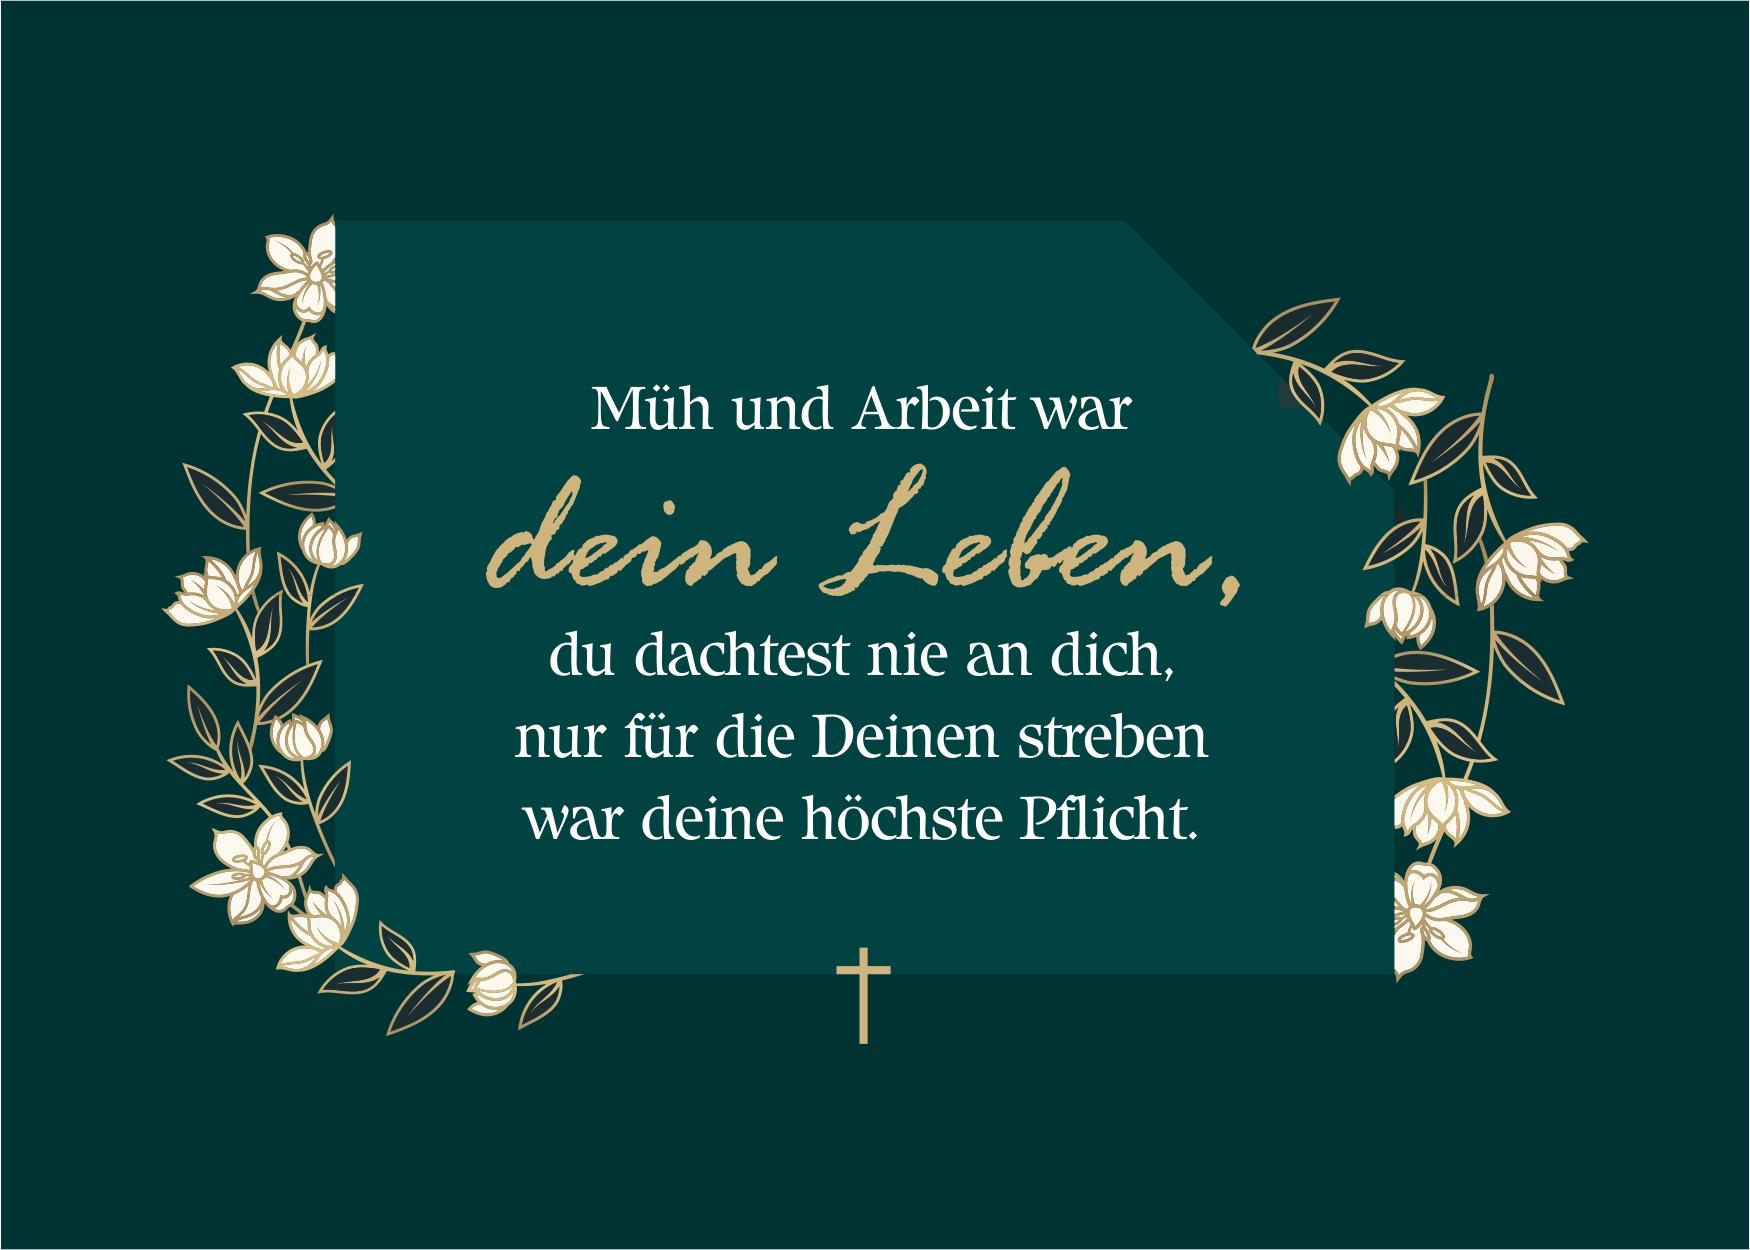 Stilvolle Abschiedskarte mit Abschiedsspruch kostenlos zum Download - Schöne Worte zum Abschied finden für Kollegen, Verwandte, Freunde & Familie - Trauerkarte mit Spruch oder Zitat zum Versenden